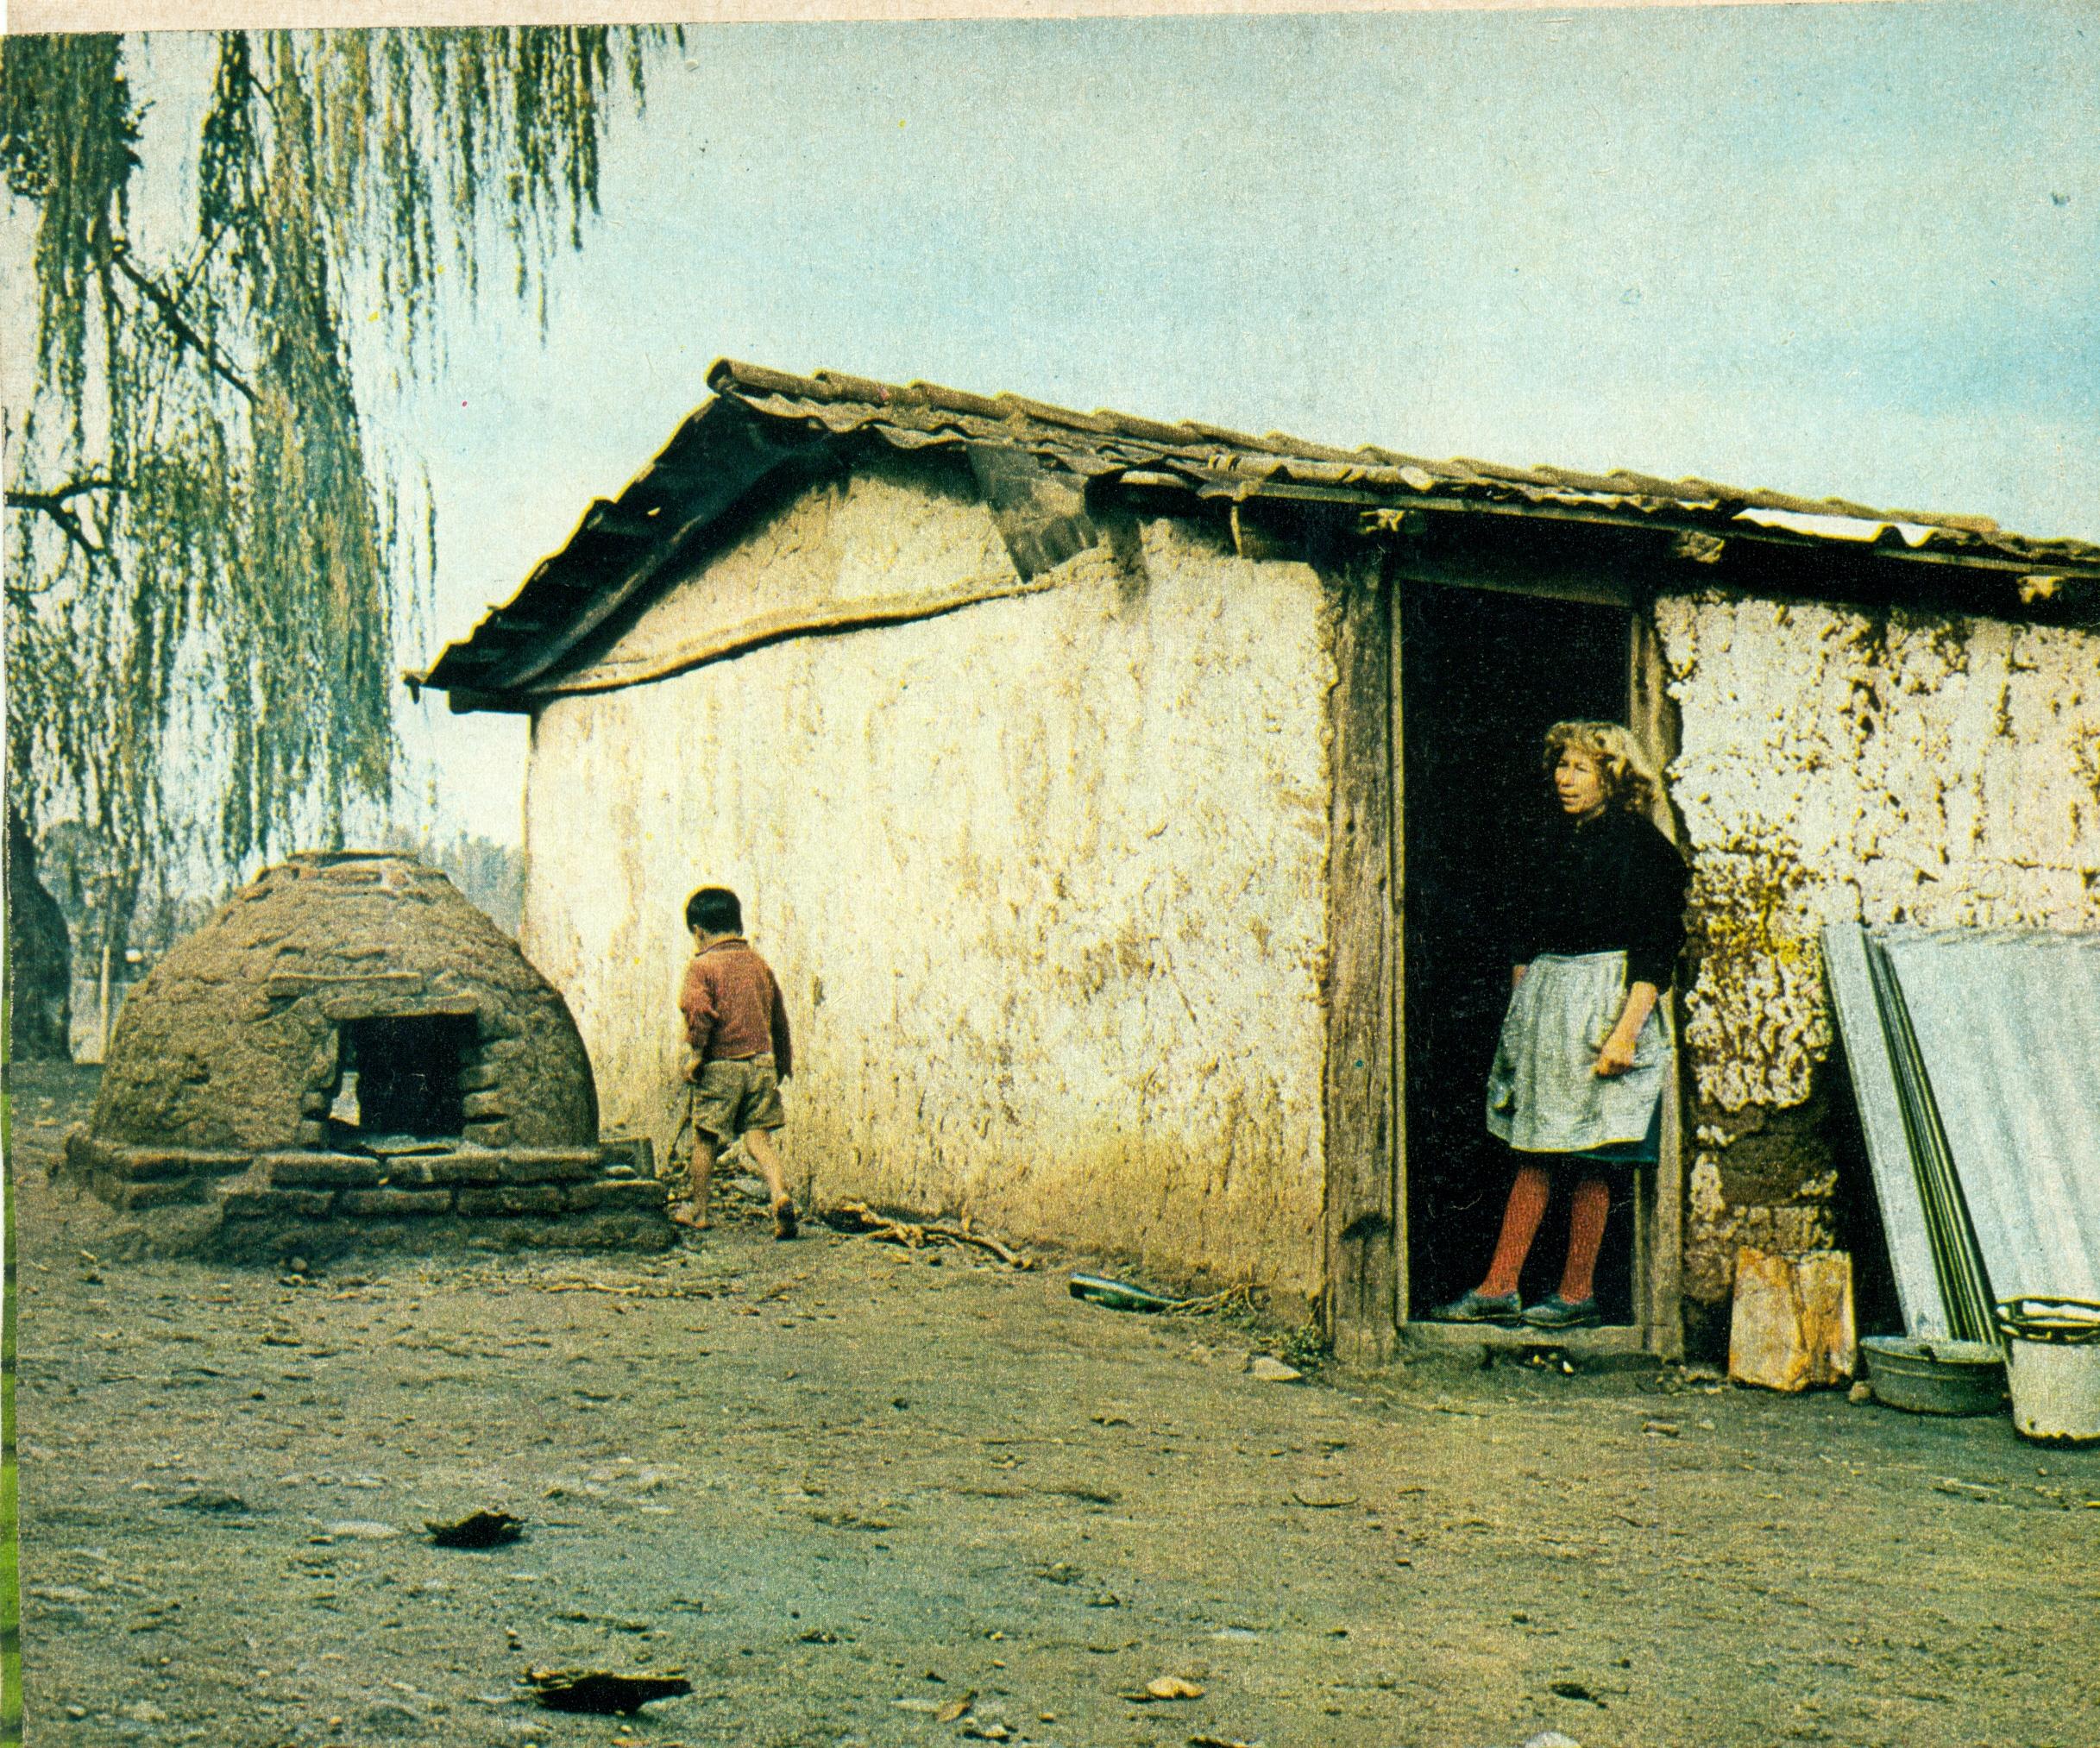 El paisaje tradicional del campo durante décadas. Foto de Hernán Castillo.